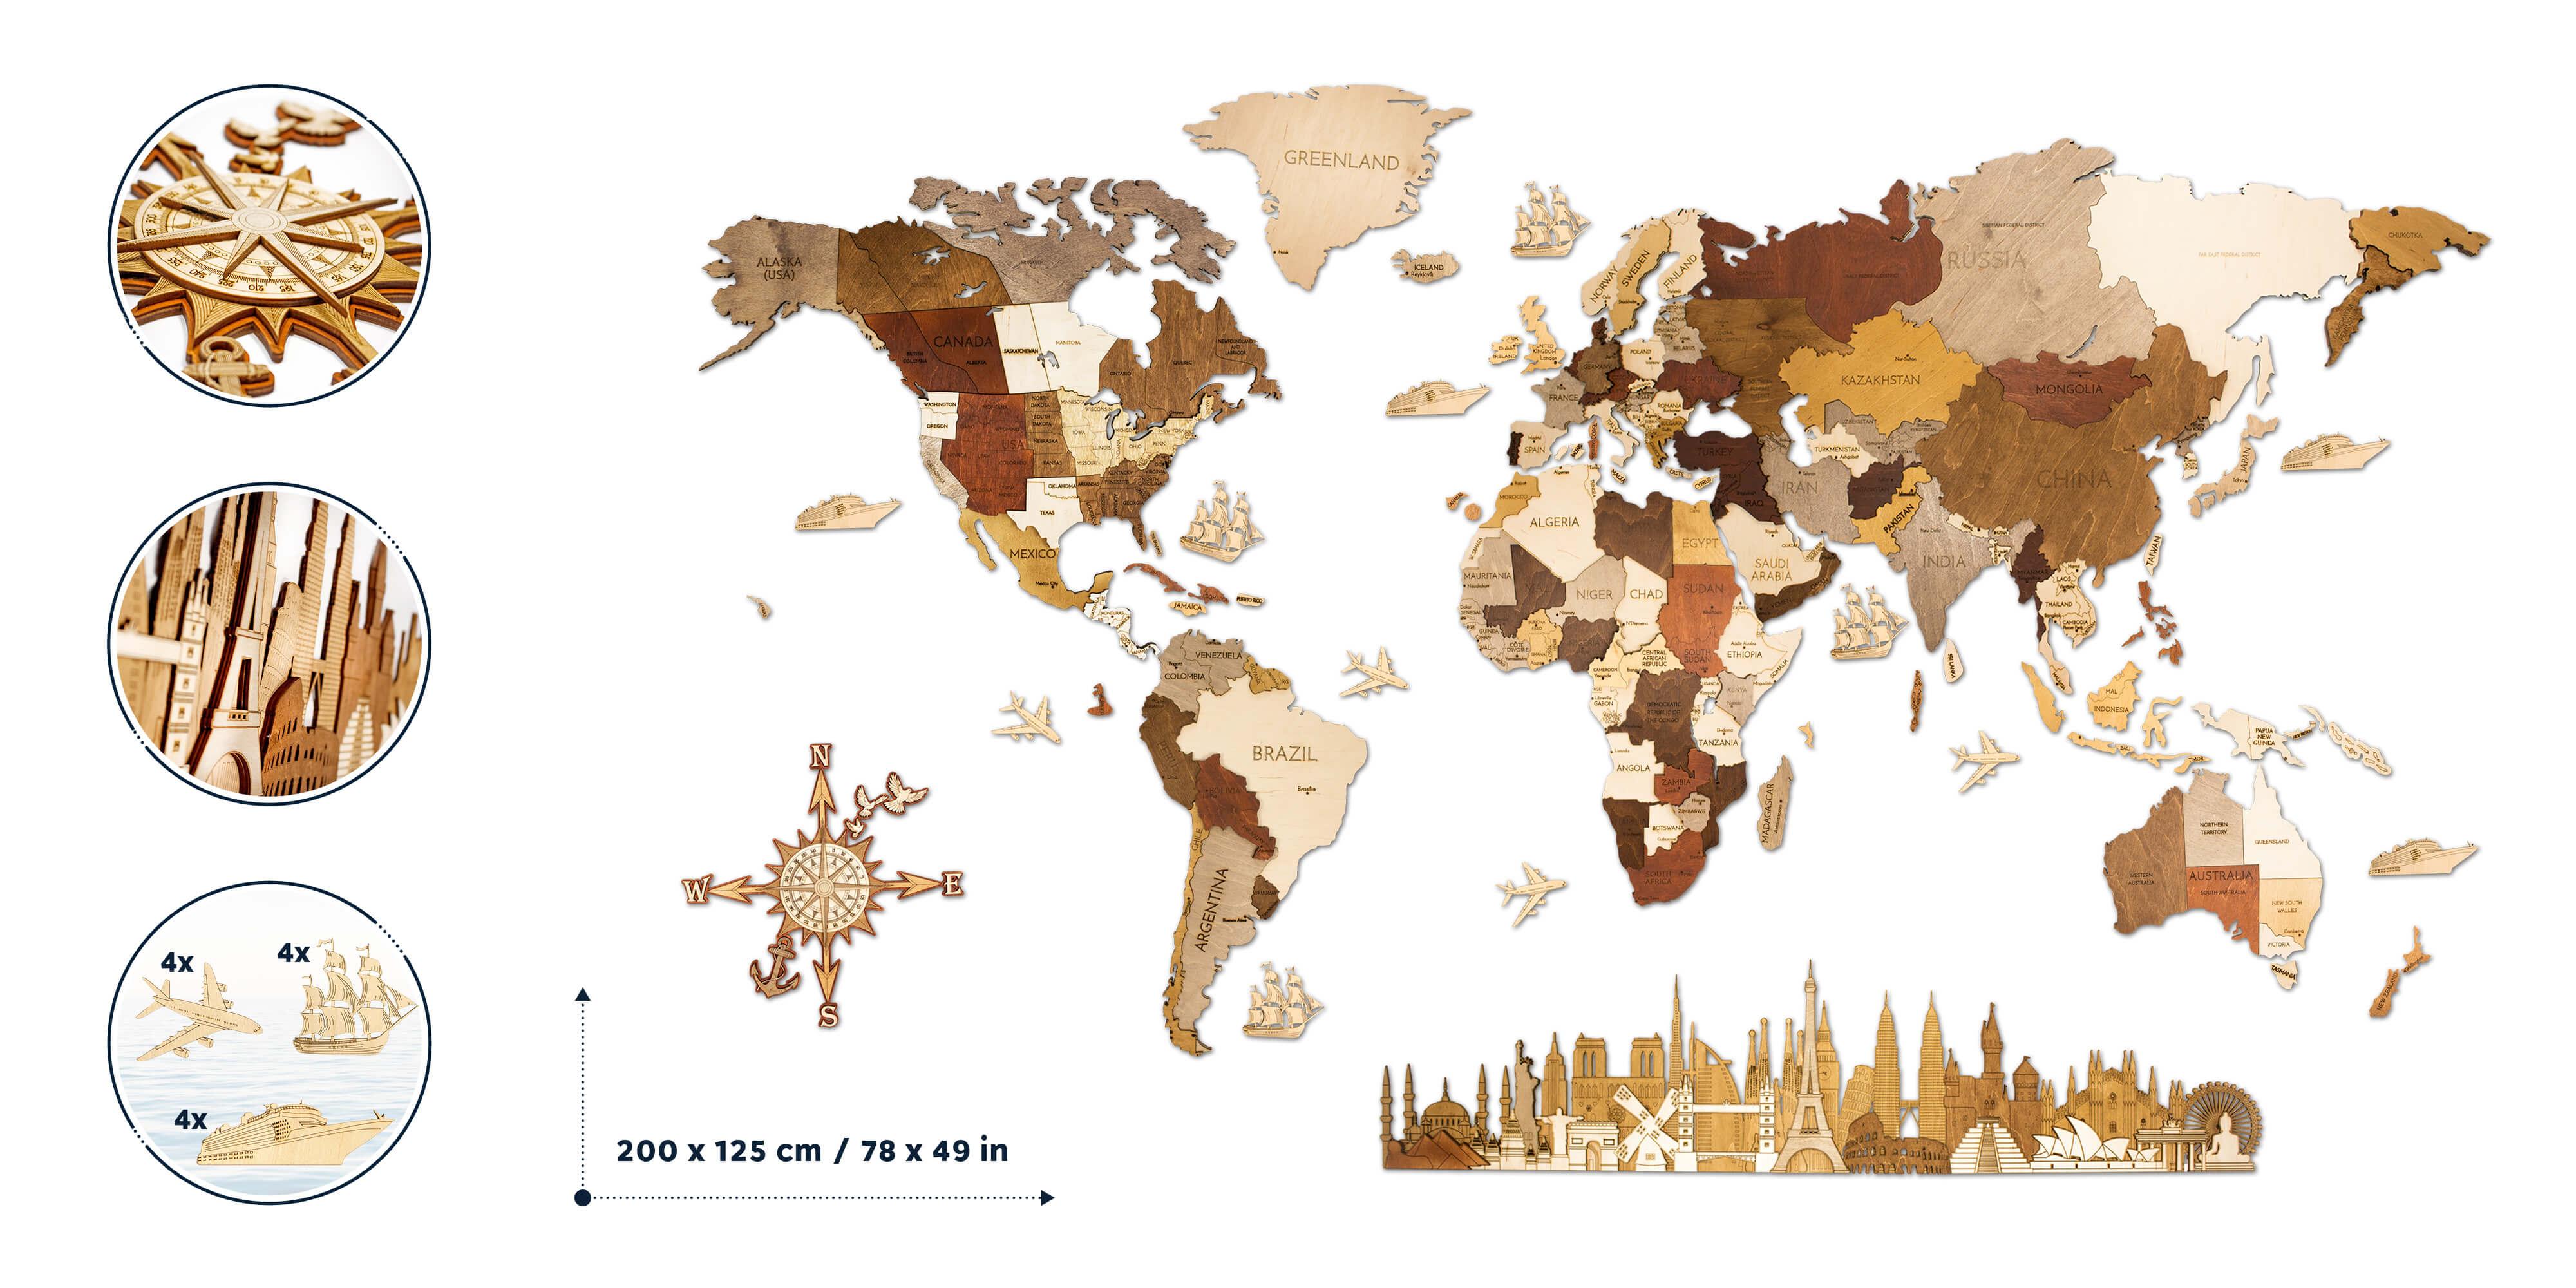 Drevená mapa sveta XL - de luxe (rozmer 200 x 125 cm)